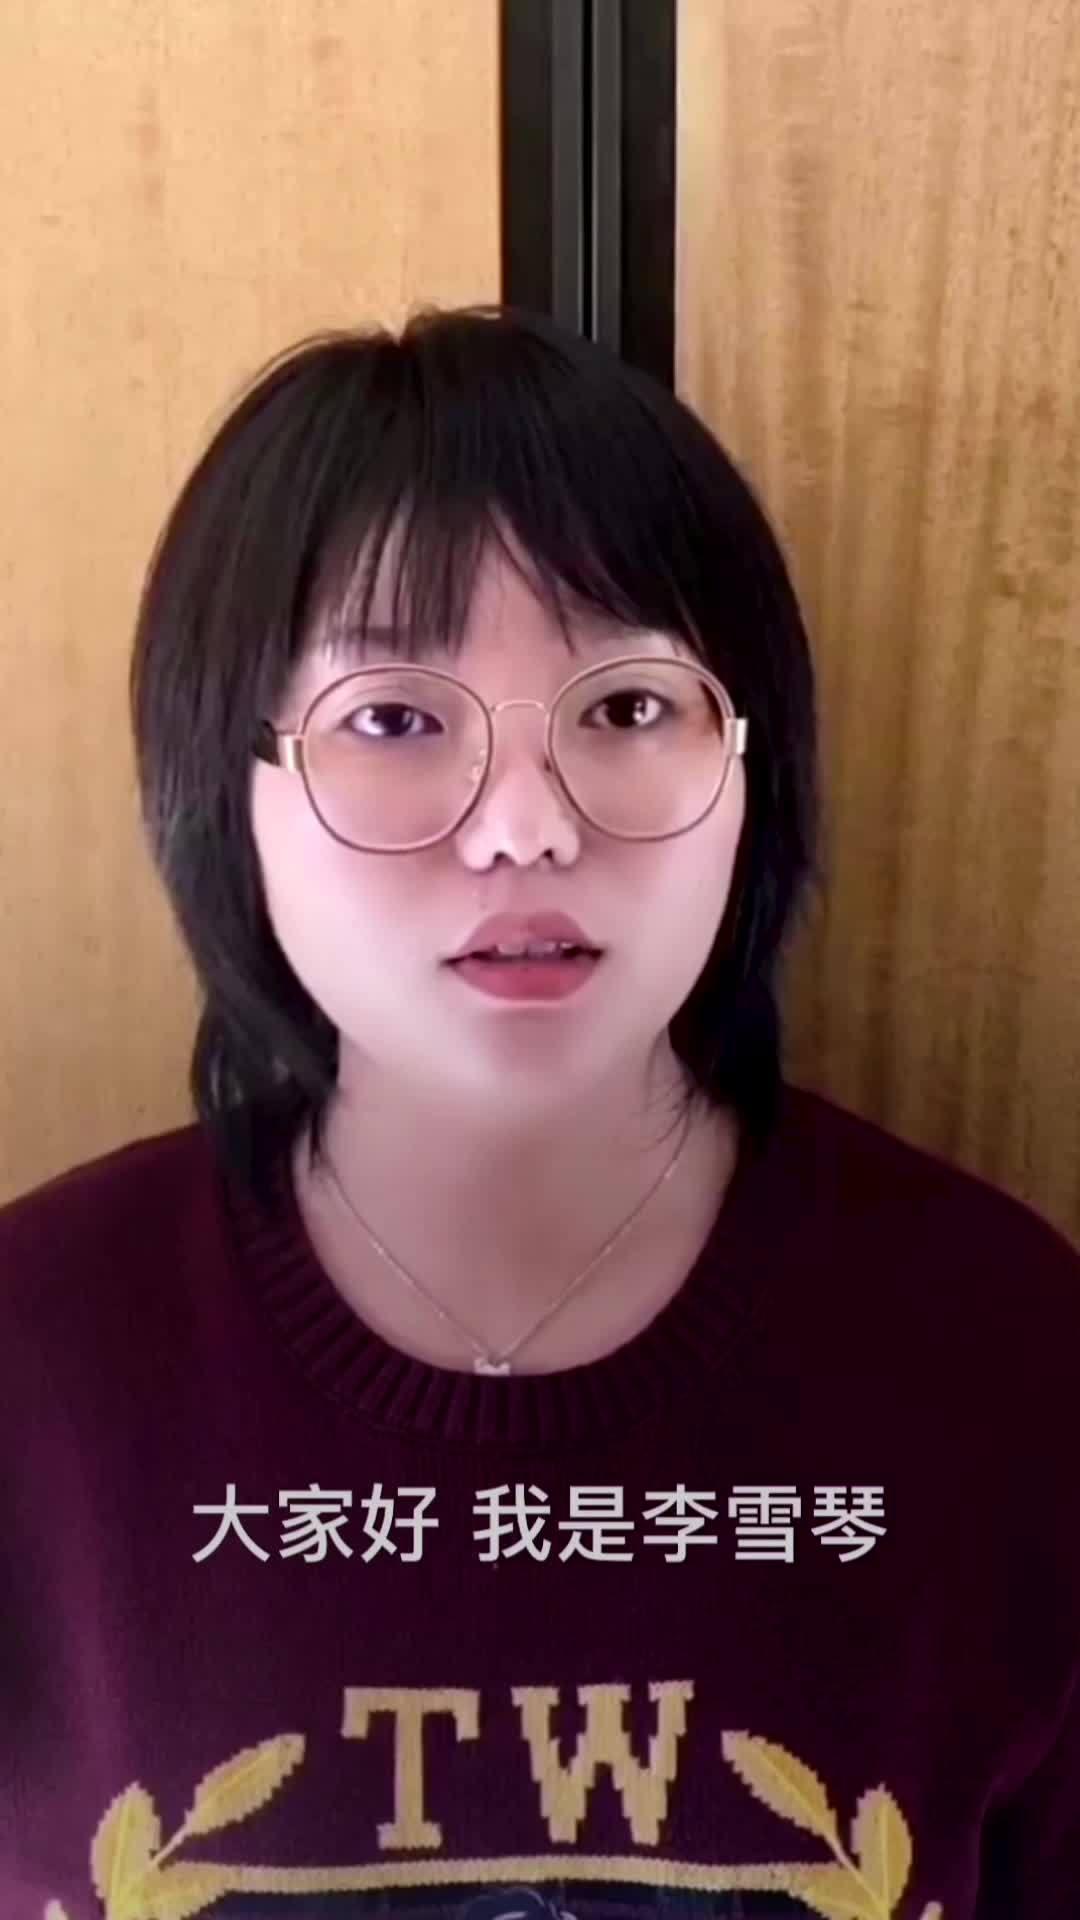 人在杭州,刚下飞机,感谢沈阳商场让我和@吴彤 导演在电梯偶遇!